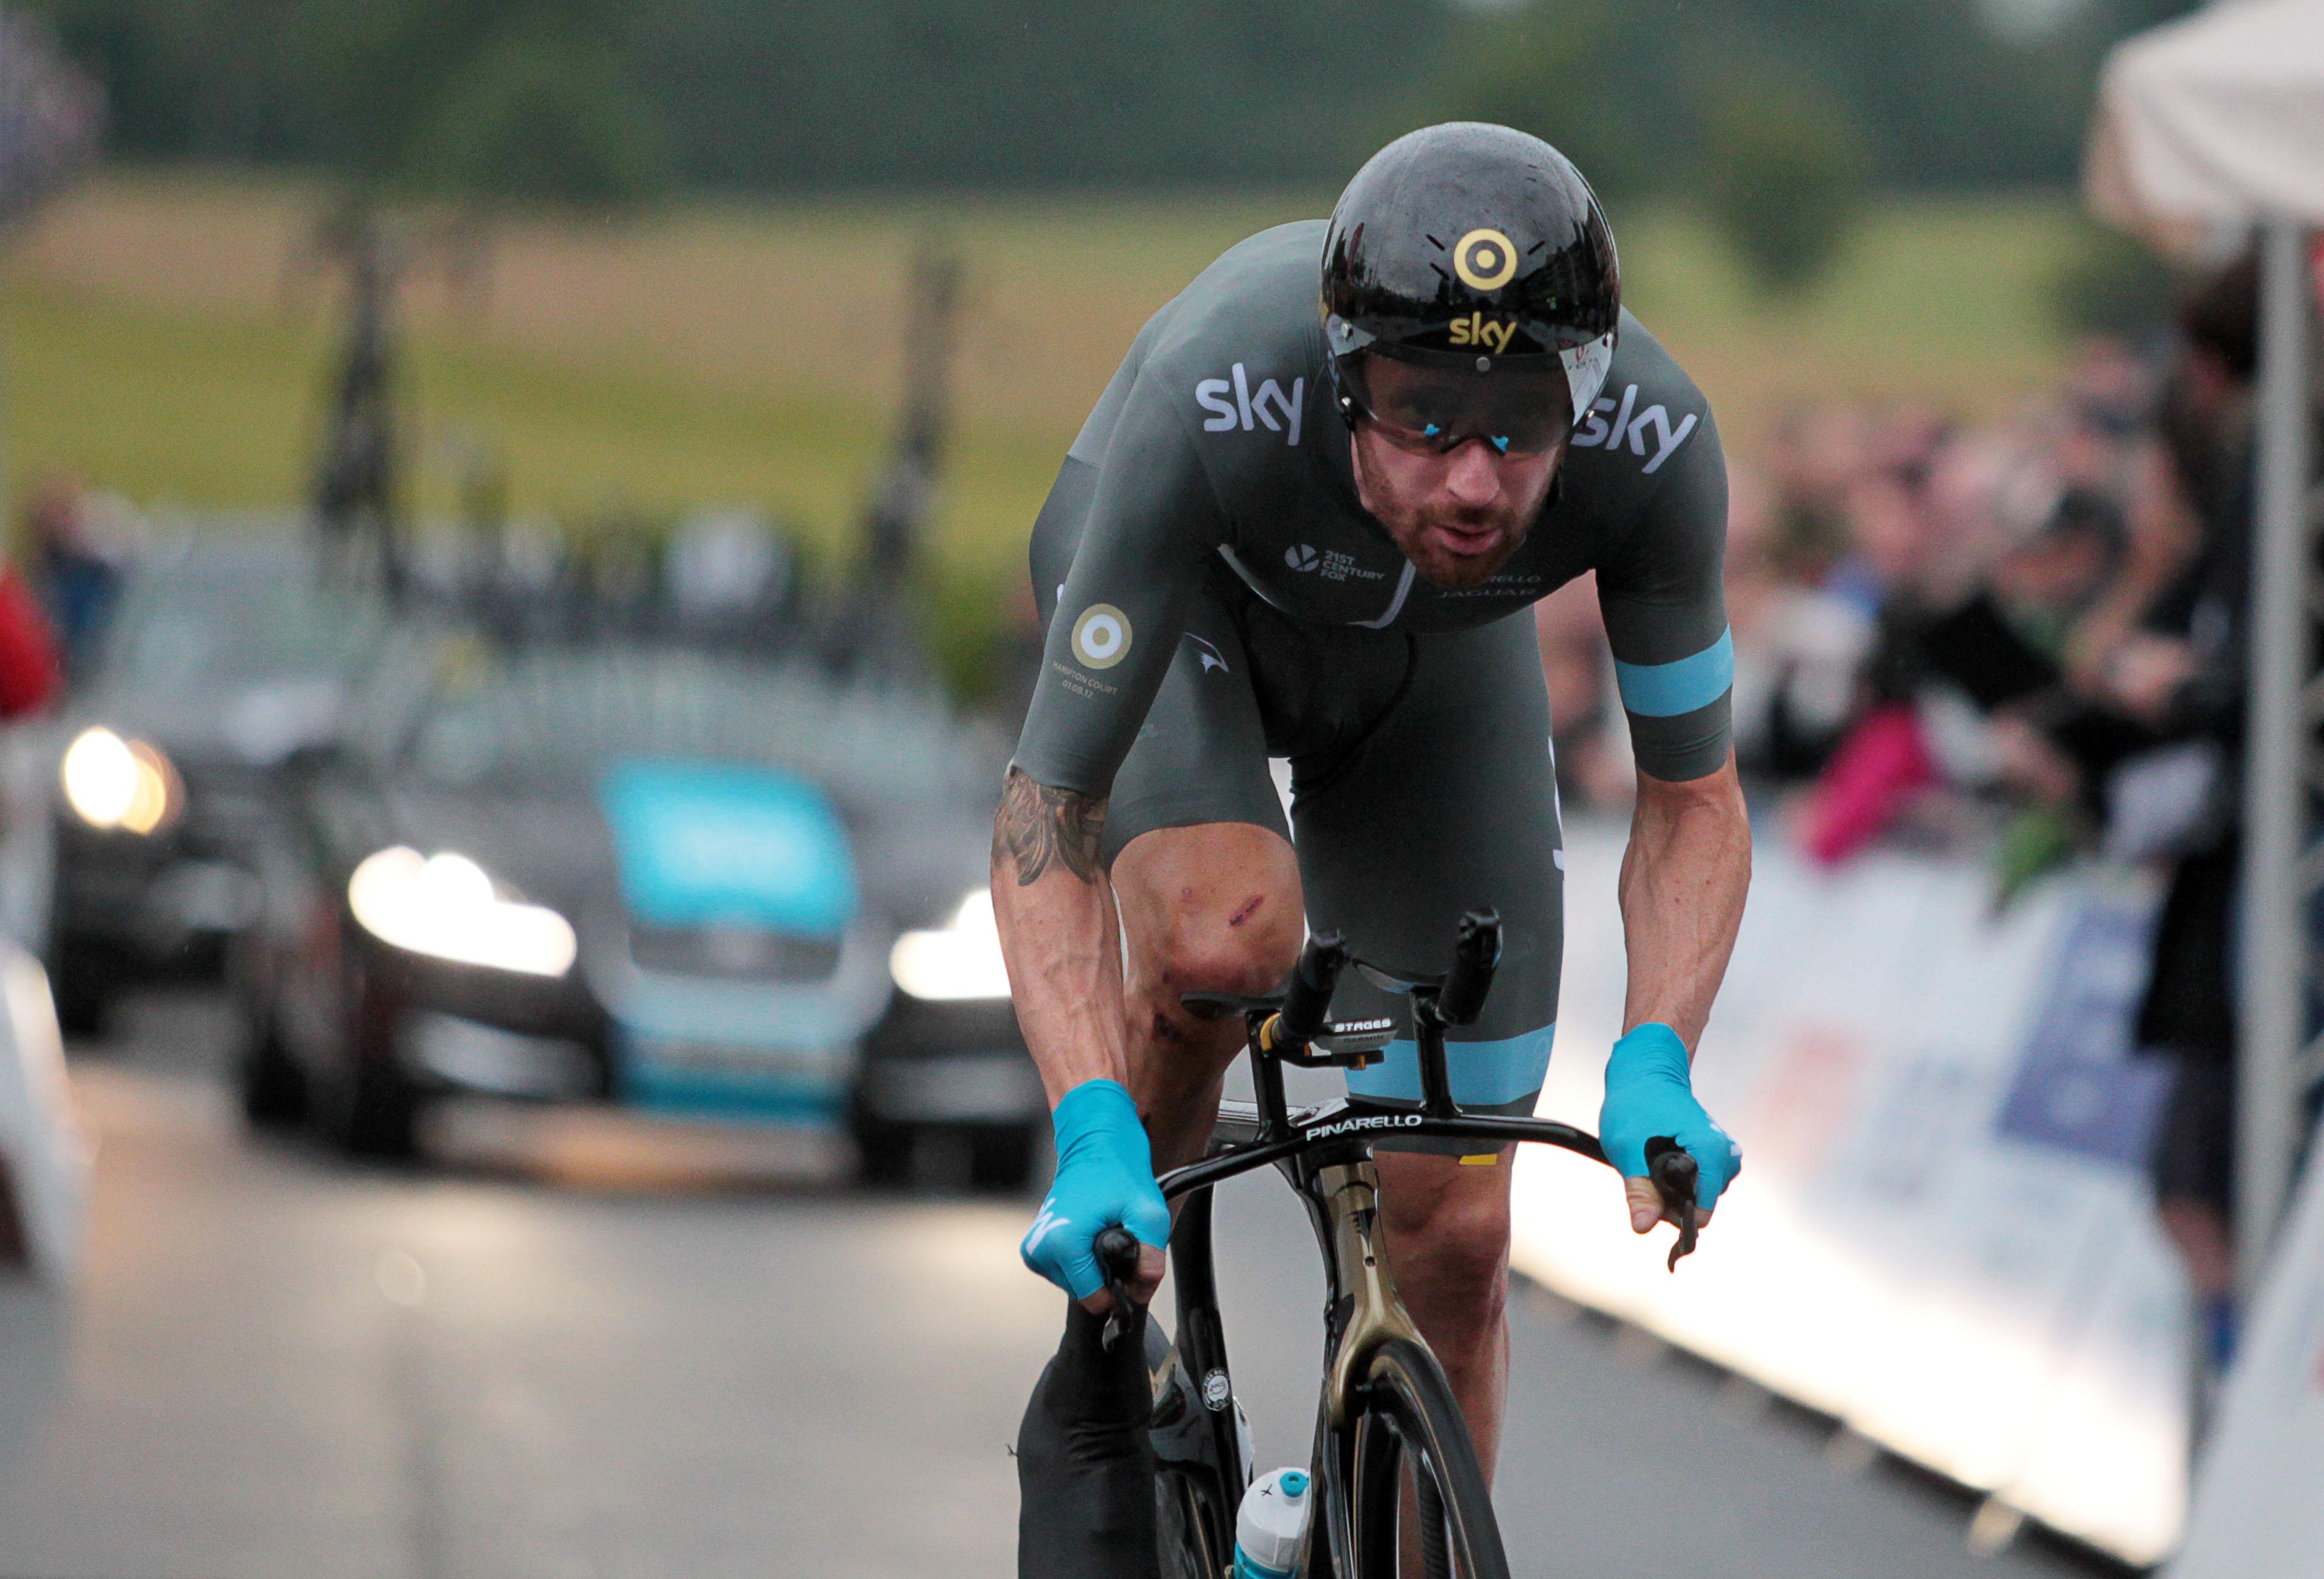 Bradley Wiggins zählt zu den Favoriten auf den Stundenweltrekord. (Foto: Huw Evans Picture Agency)